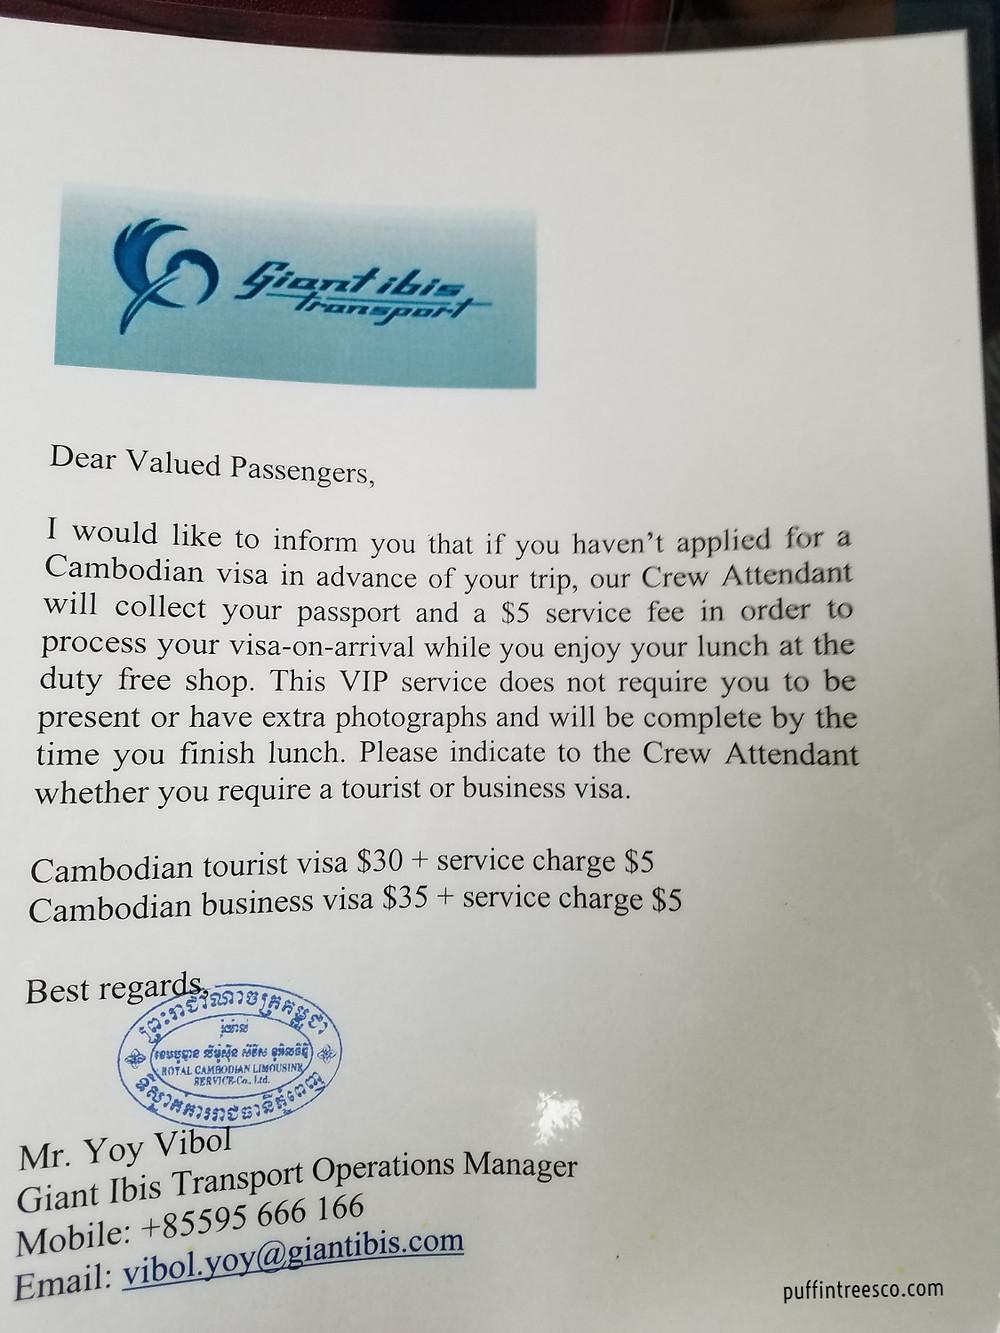 The letter explaining the fee